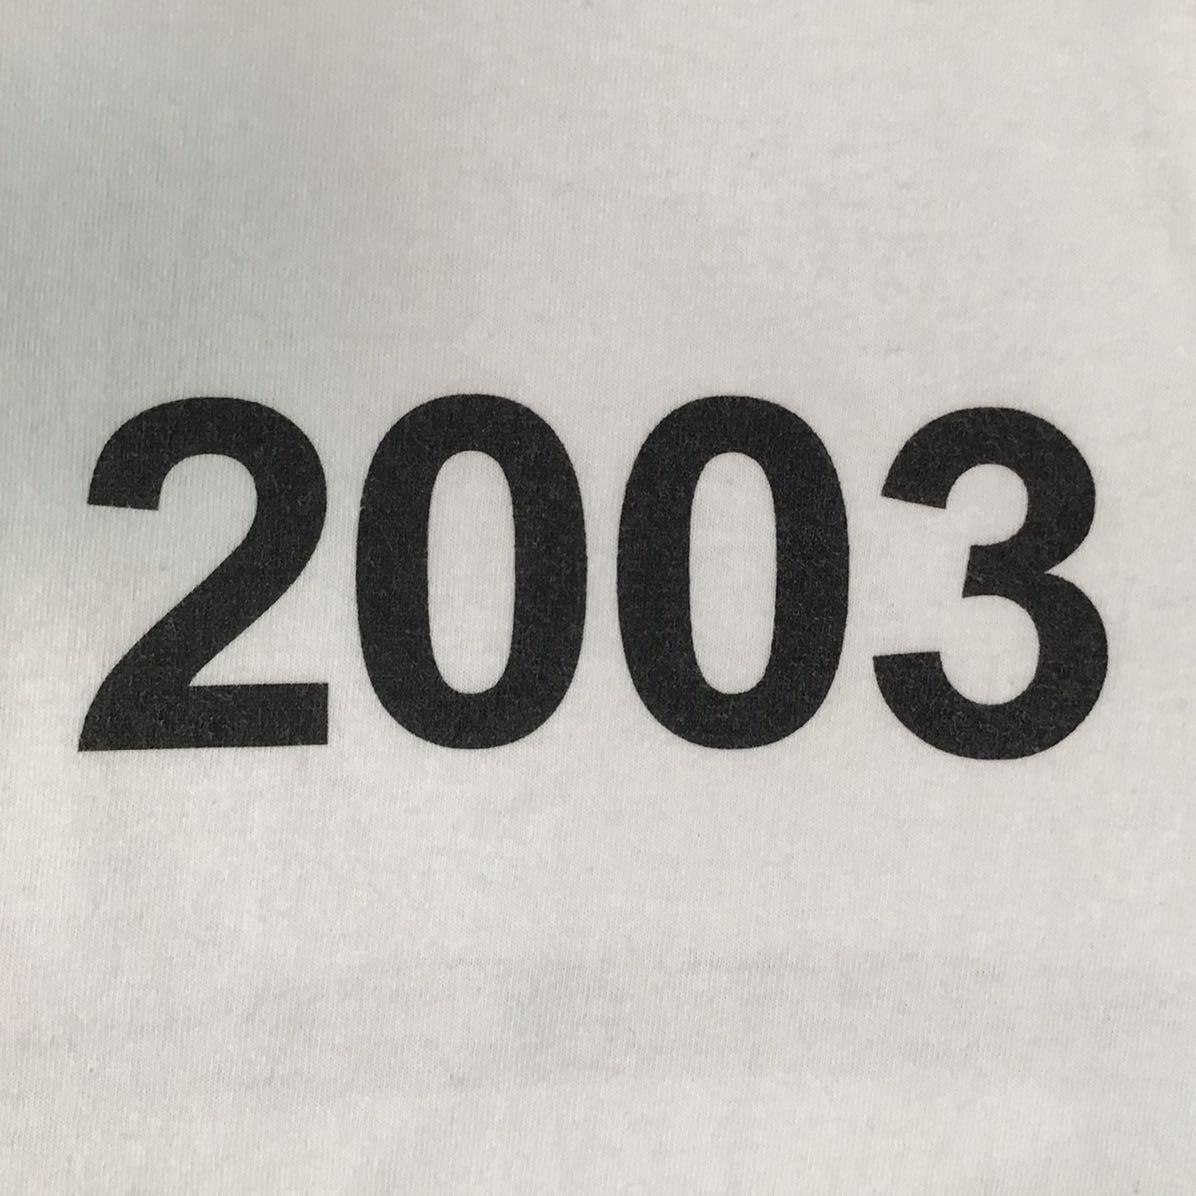 ★激レア★ futura × bape gallery Tシャツ Mサイズ a bathing ape エイプ ベイプ アベイシングエイプ フューチュラ 2003年 NIGO m25